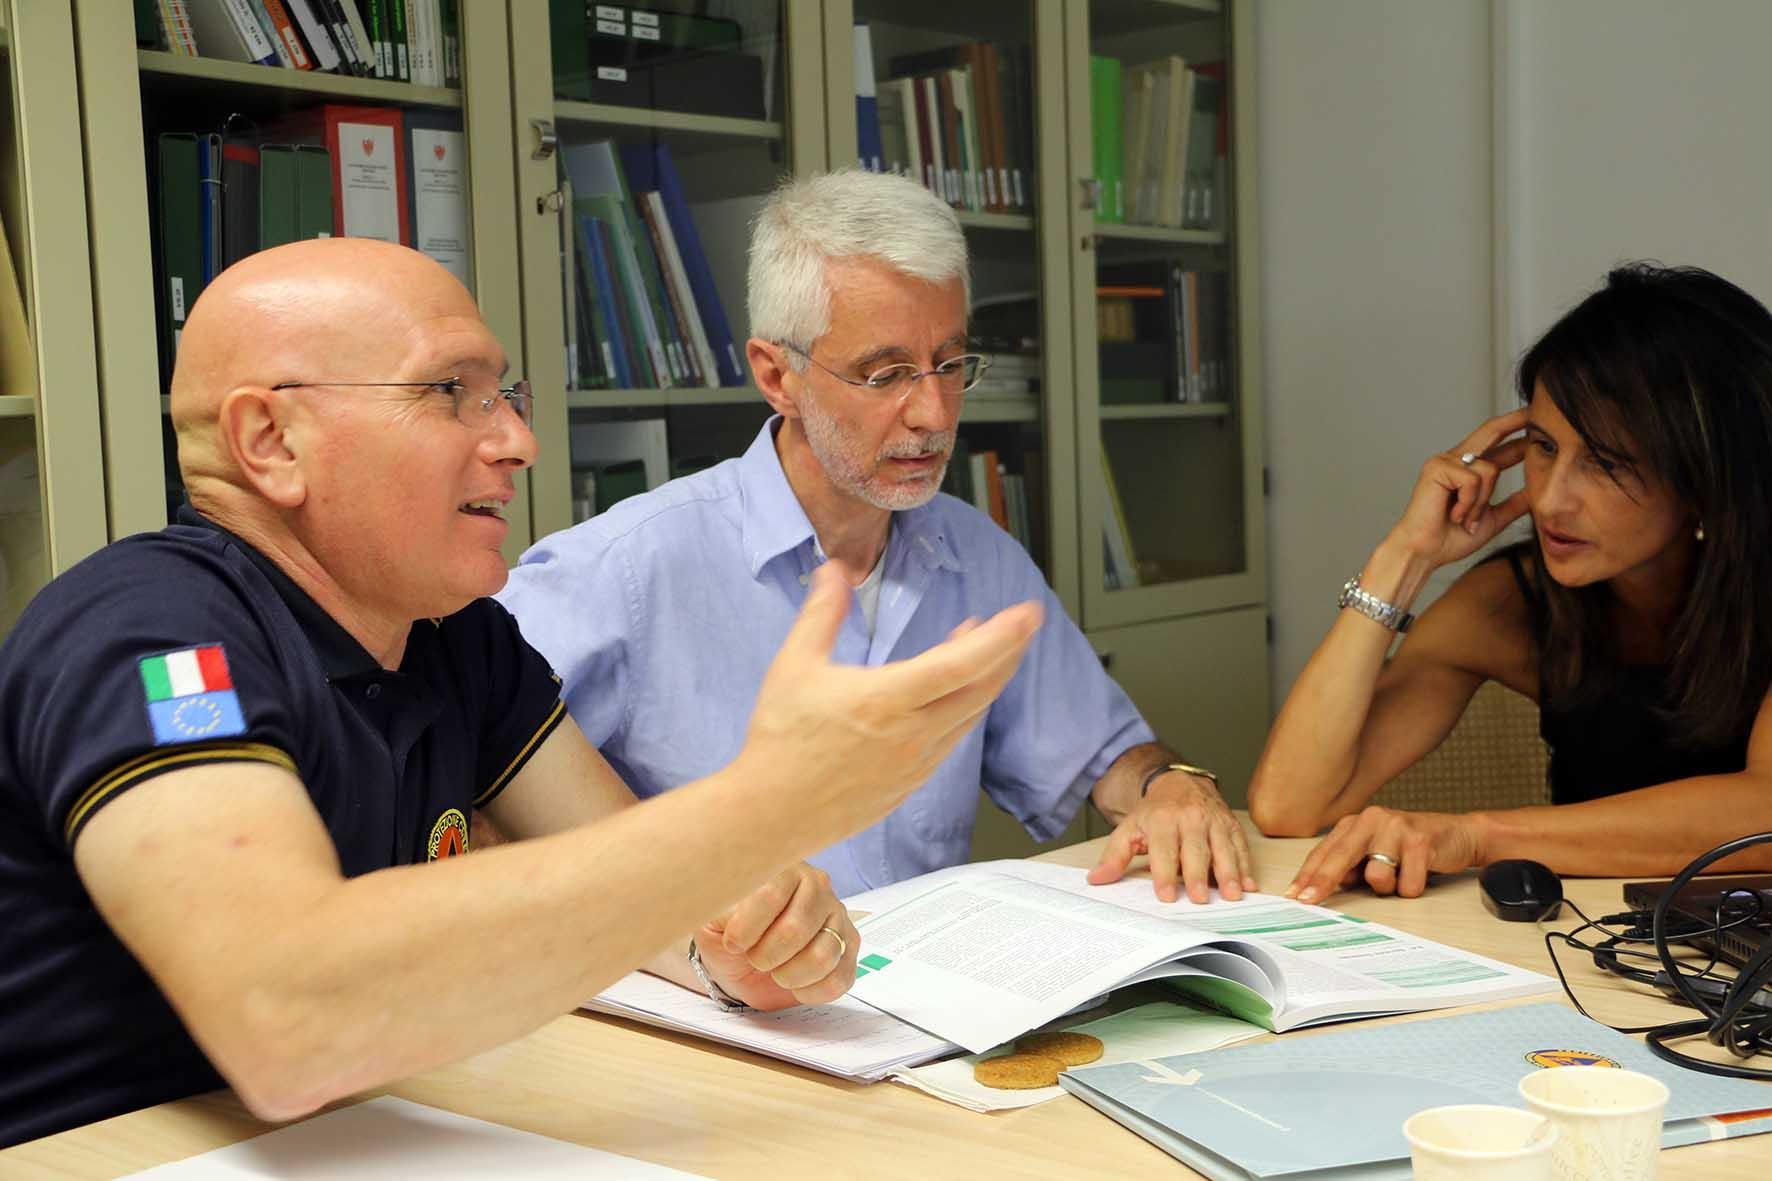 responsabile Tonellato e il coordinatore De Zorzi con la responsabile di progetto Ellecosta